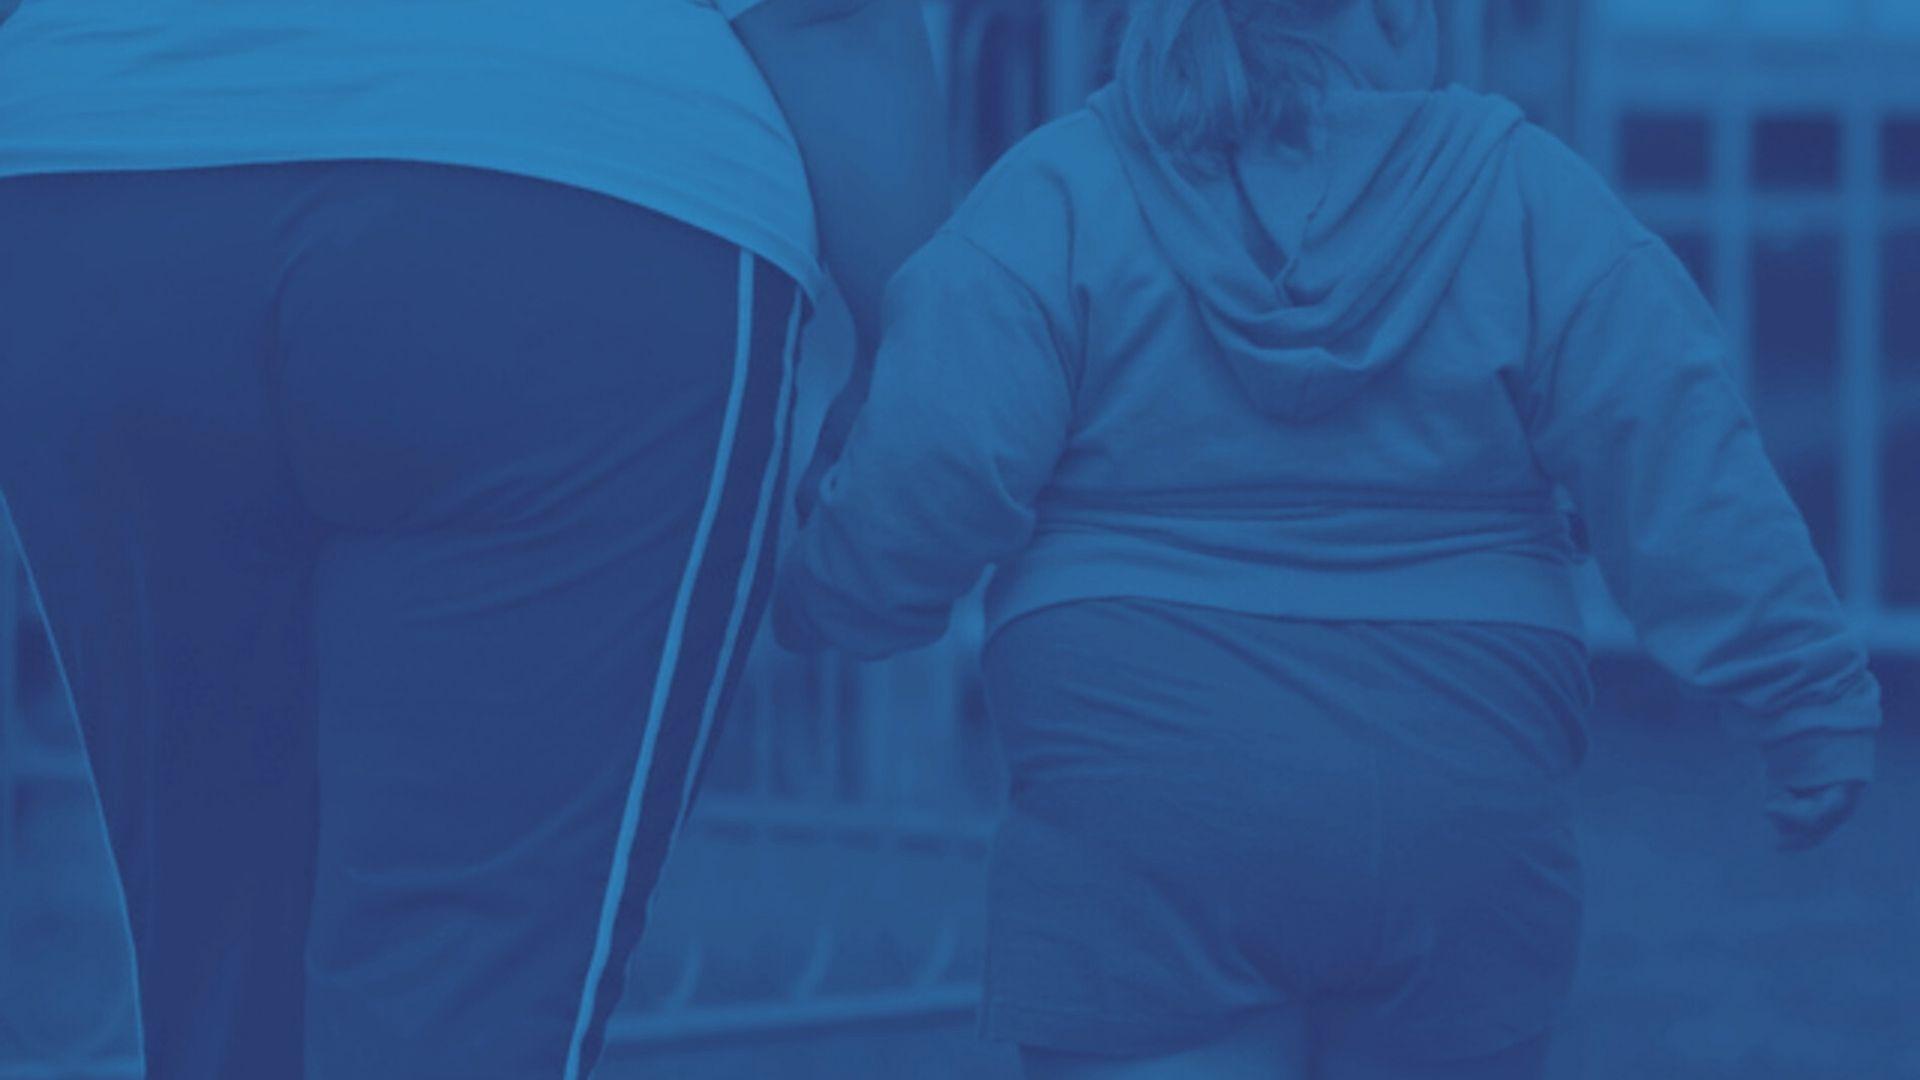 Демонизация продуктов, манипуляции и равнодушие: каковы причины детского ожирения?